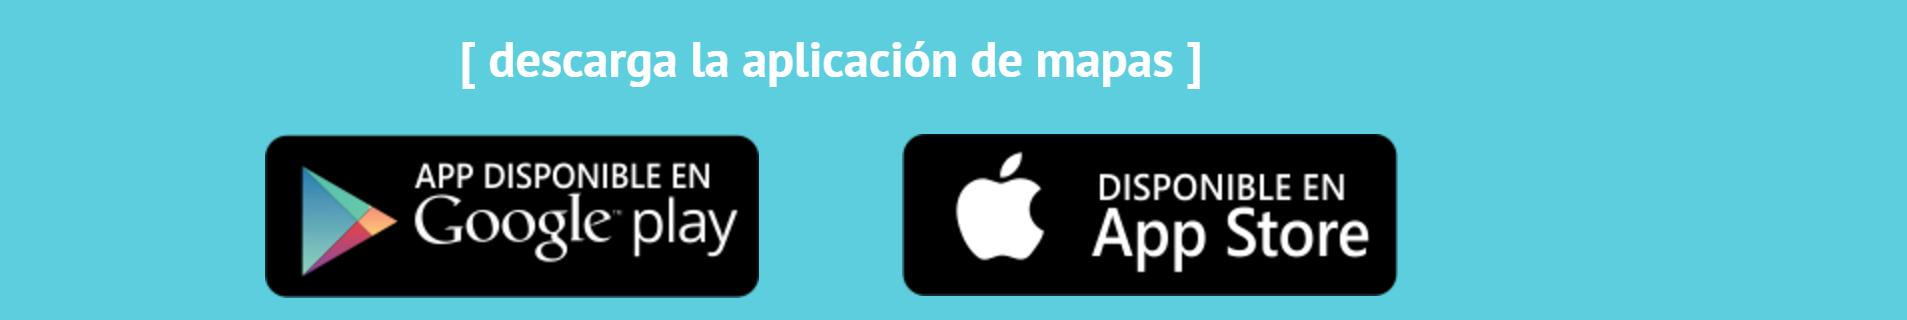 descarga app mapas